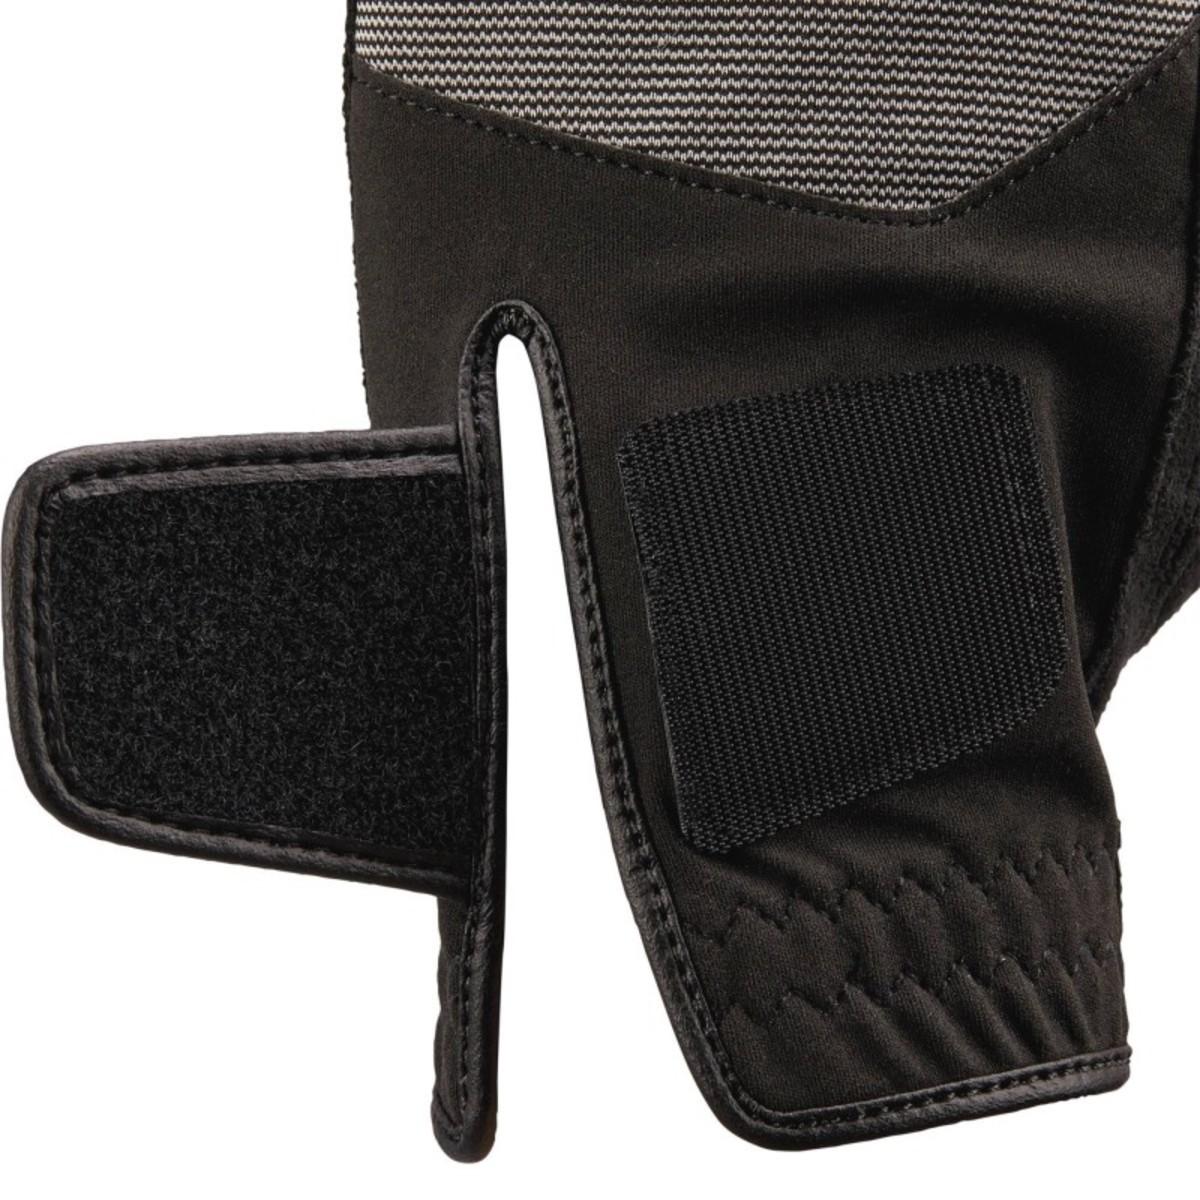 Bild 5 von INESIS Golfhandschuh Regen Rechtshand (für die linke Hand) Herren weiß, Größe: S